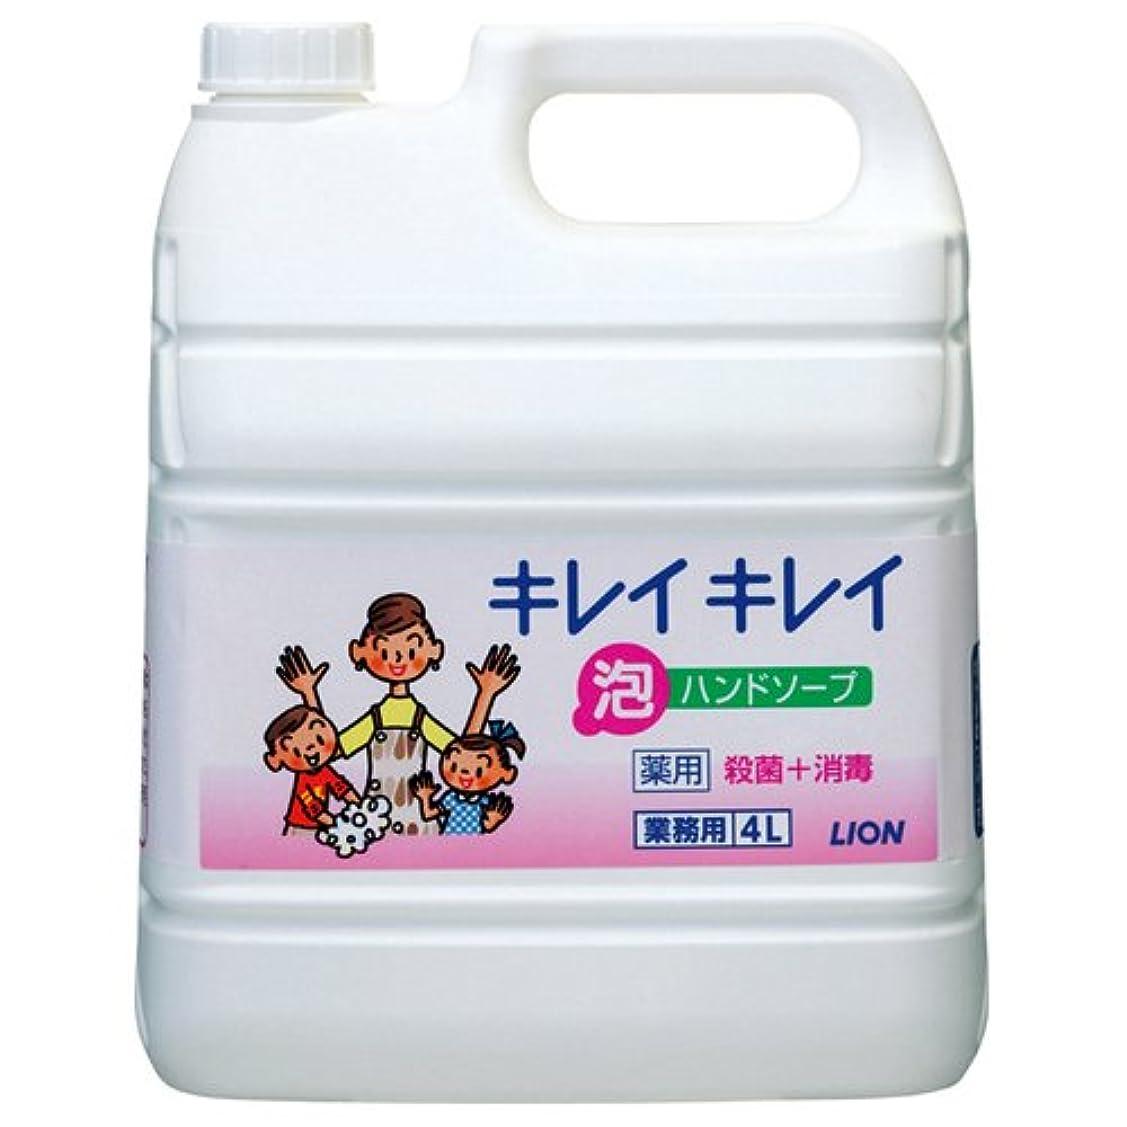 専門化する達成するトラフ[ライオン 1675096] キレイキレイ 薬用泡ハンドソープ 業務用 4L